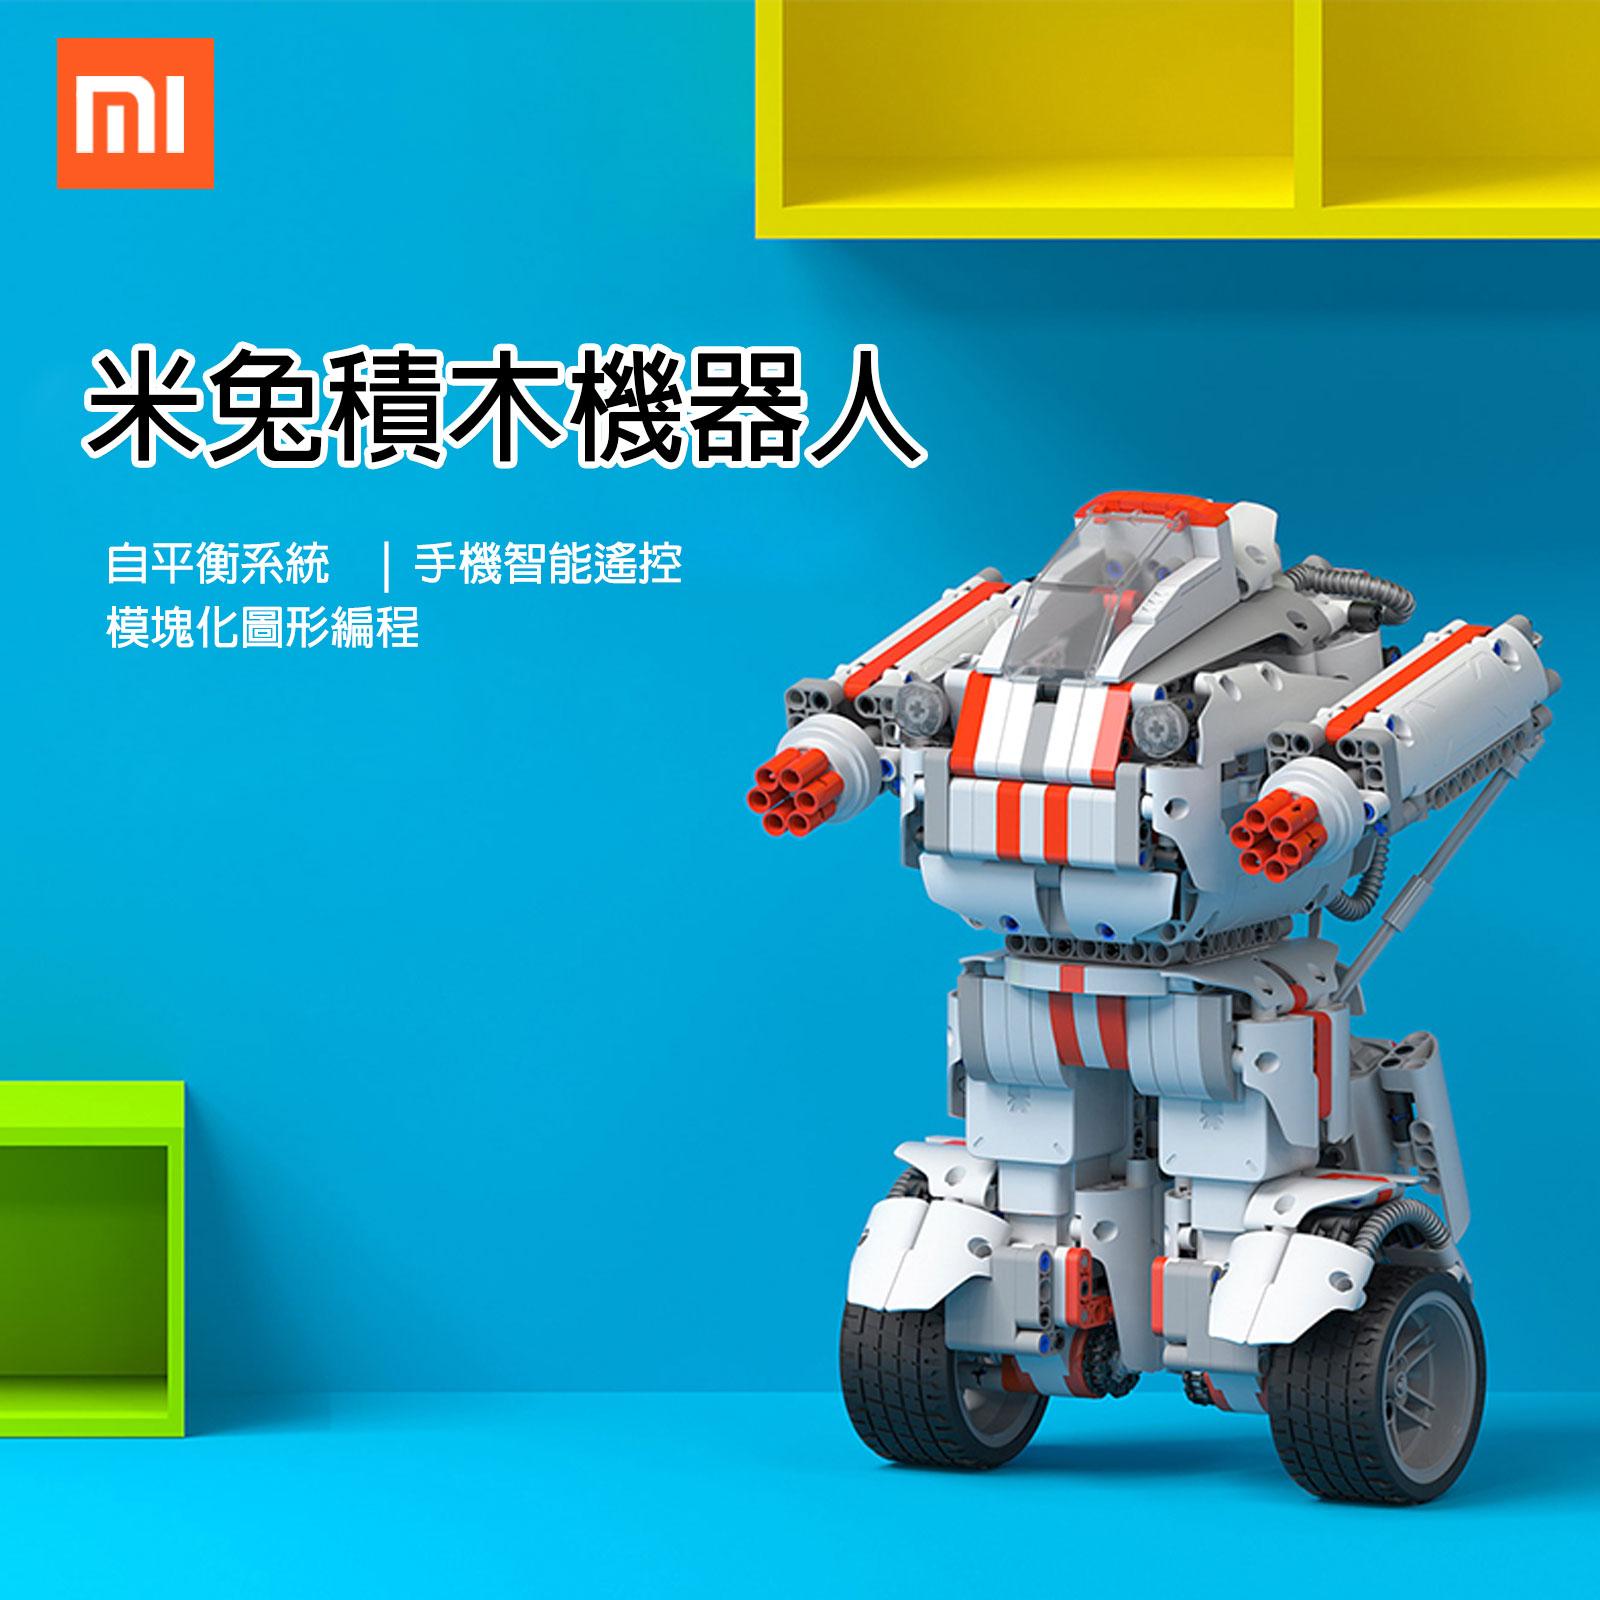 【原廠正品】米兔積木機器人 兒童益智 樂高機器人 遙控【O3355】☆雙兒網☆ 2